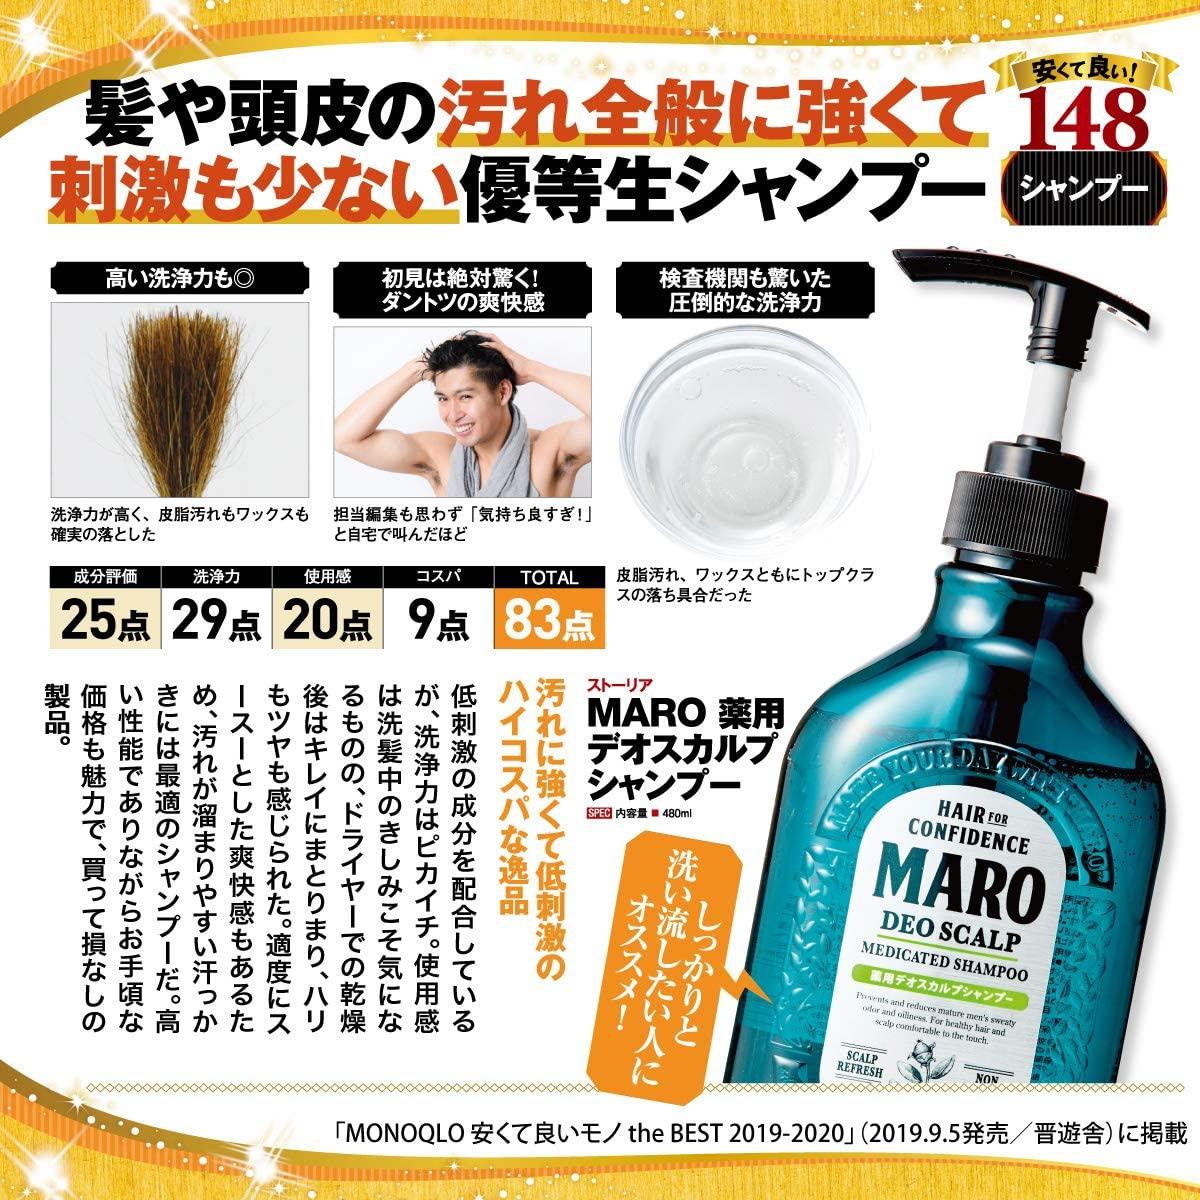 MARO(マーロ)薬用 デオスカルプ シャンプーの商品画像11